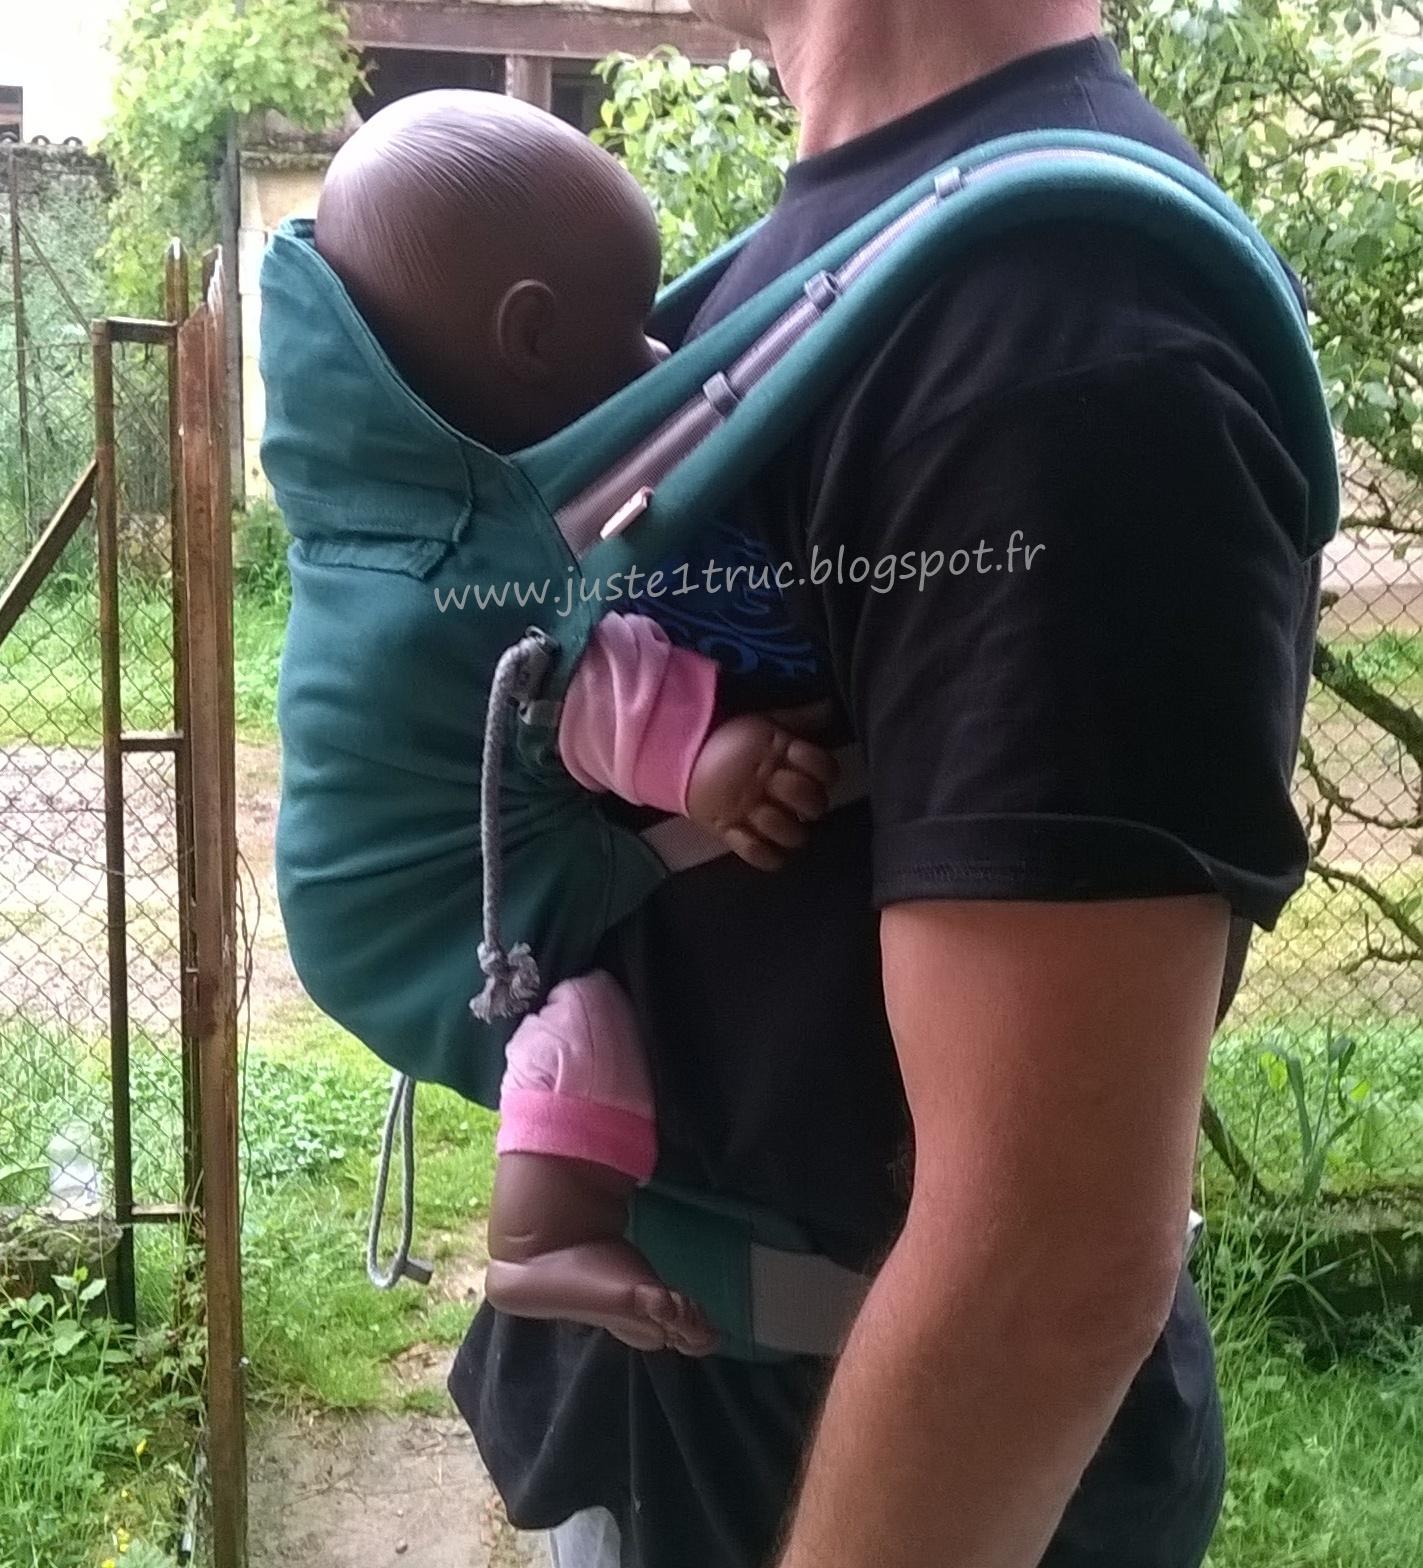 1692a63a7b57 avis test porte-bébé préformé 4 mois bébé portage tablier évolutif réglable  cordons assise dossier